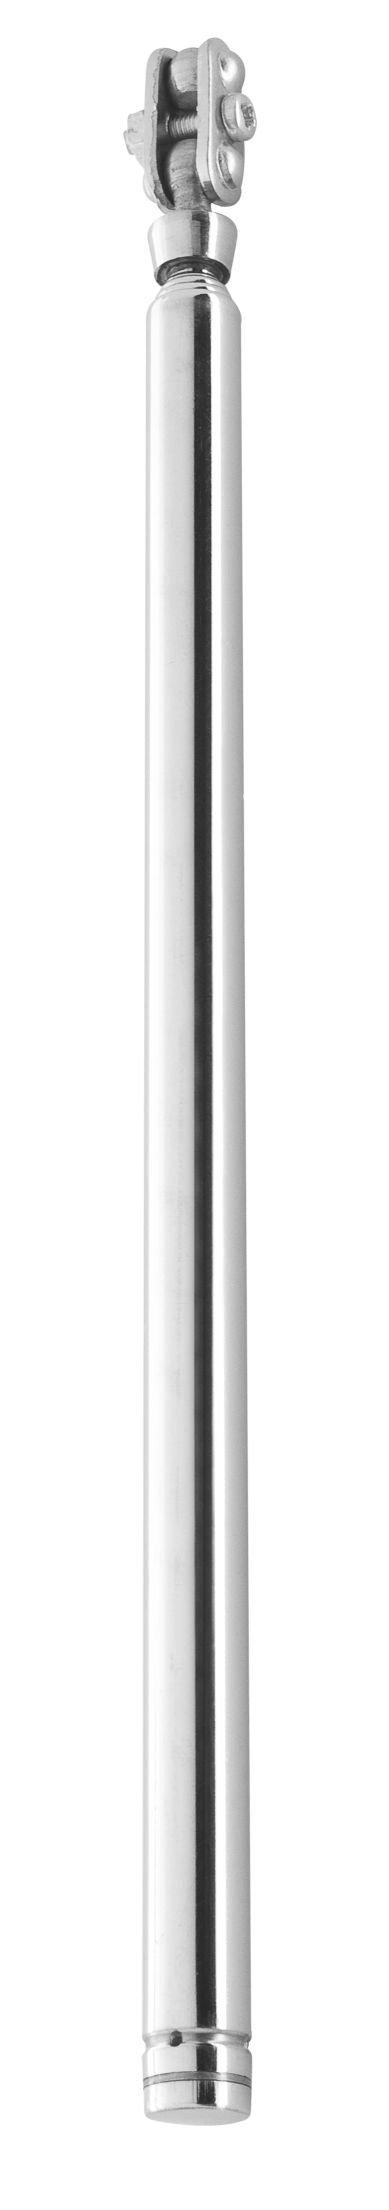 """Teleskopspiegelgriff """"235"""";""""64.235.61"""